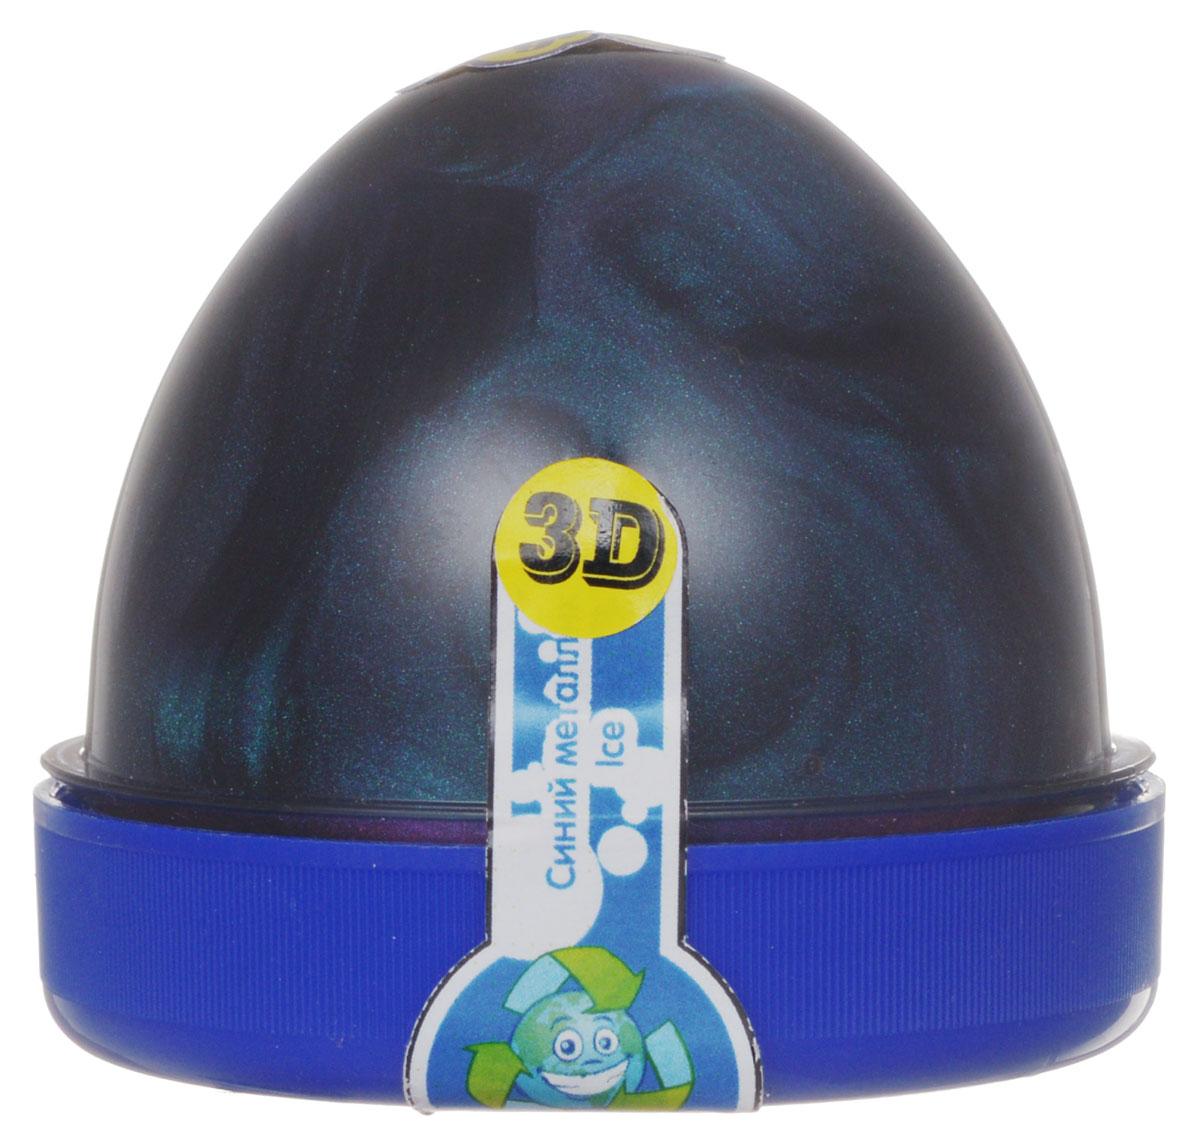 """Жвачка для рук """"ТМ HandGum"""", цвет: синий металлик, с запахом озона, 70 г"""